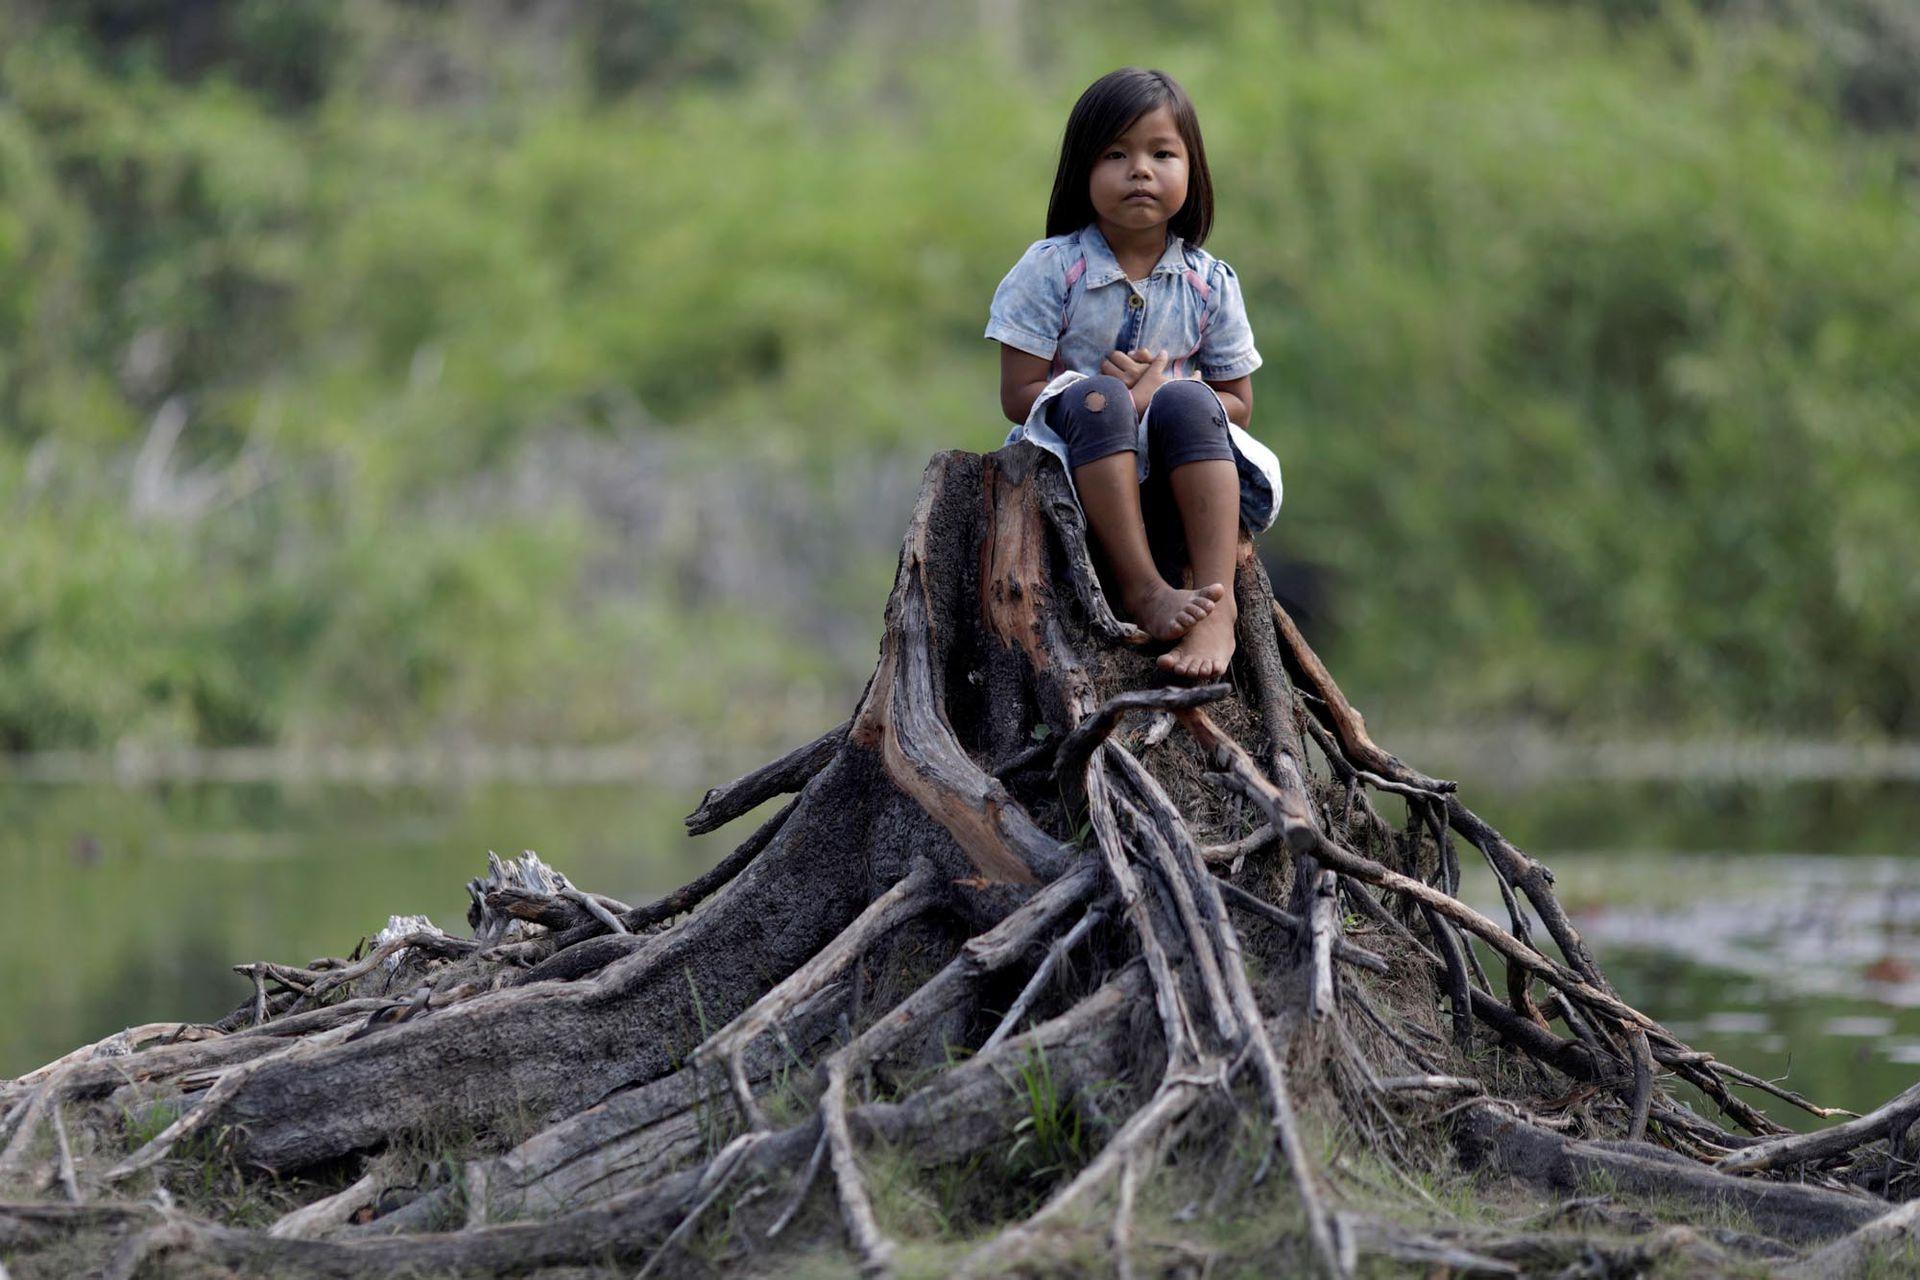 Una niña indígena de la tribu Parintintin se sienta en el tronco de un árbol cortado en la aldea de Traira, cerca de Humaita, estado de Amazonas, Brasil